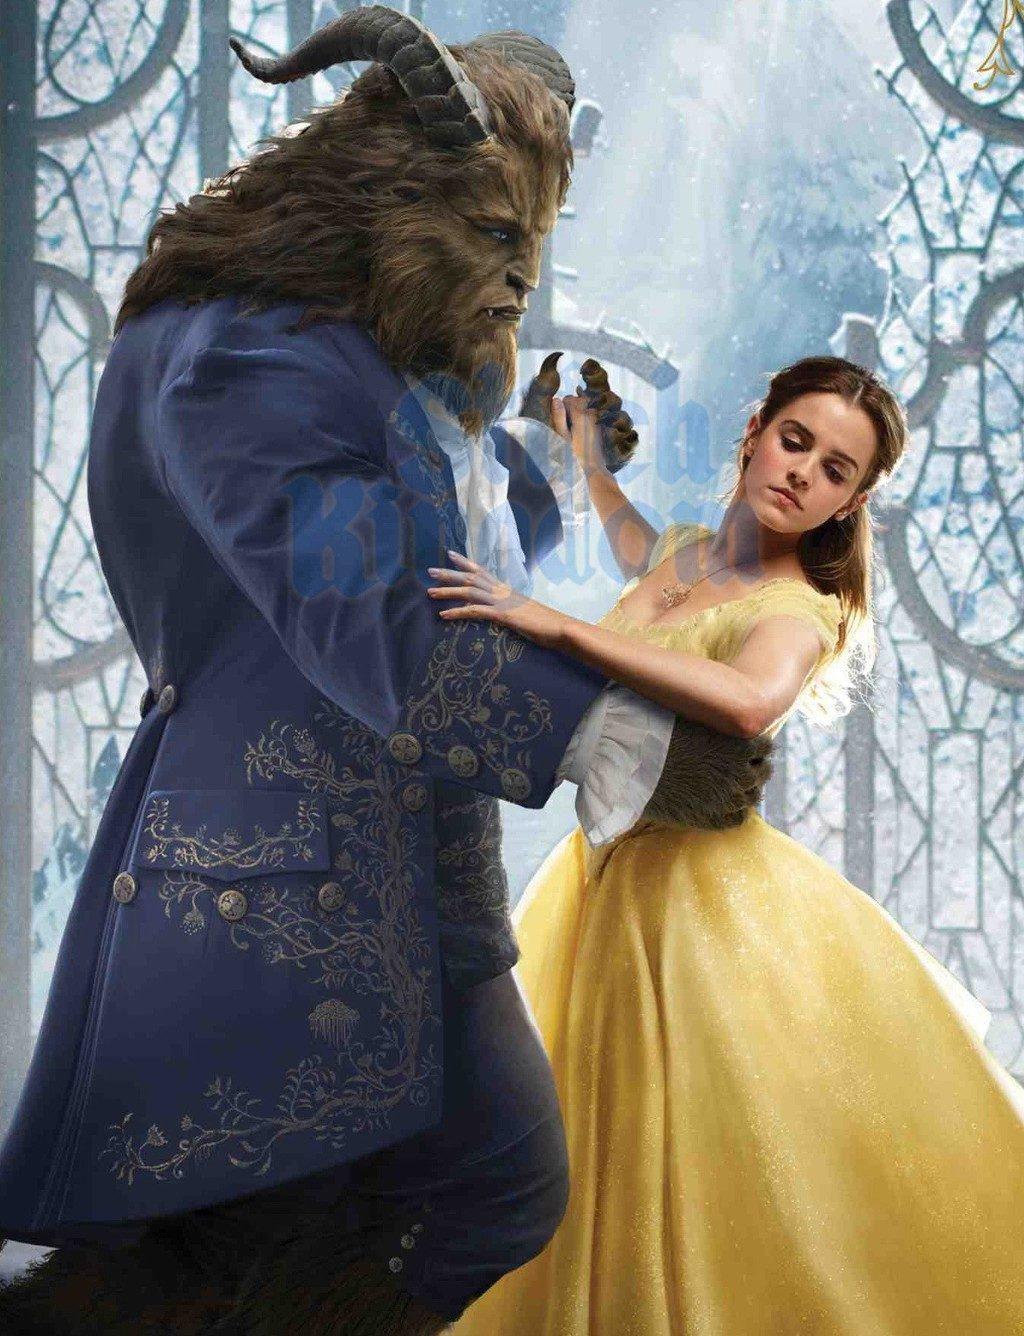 迪士尼經典動畫《美女與野獸》最新劇照:Emma Watson 100%還原貝兒一角